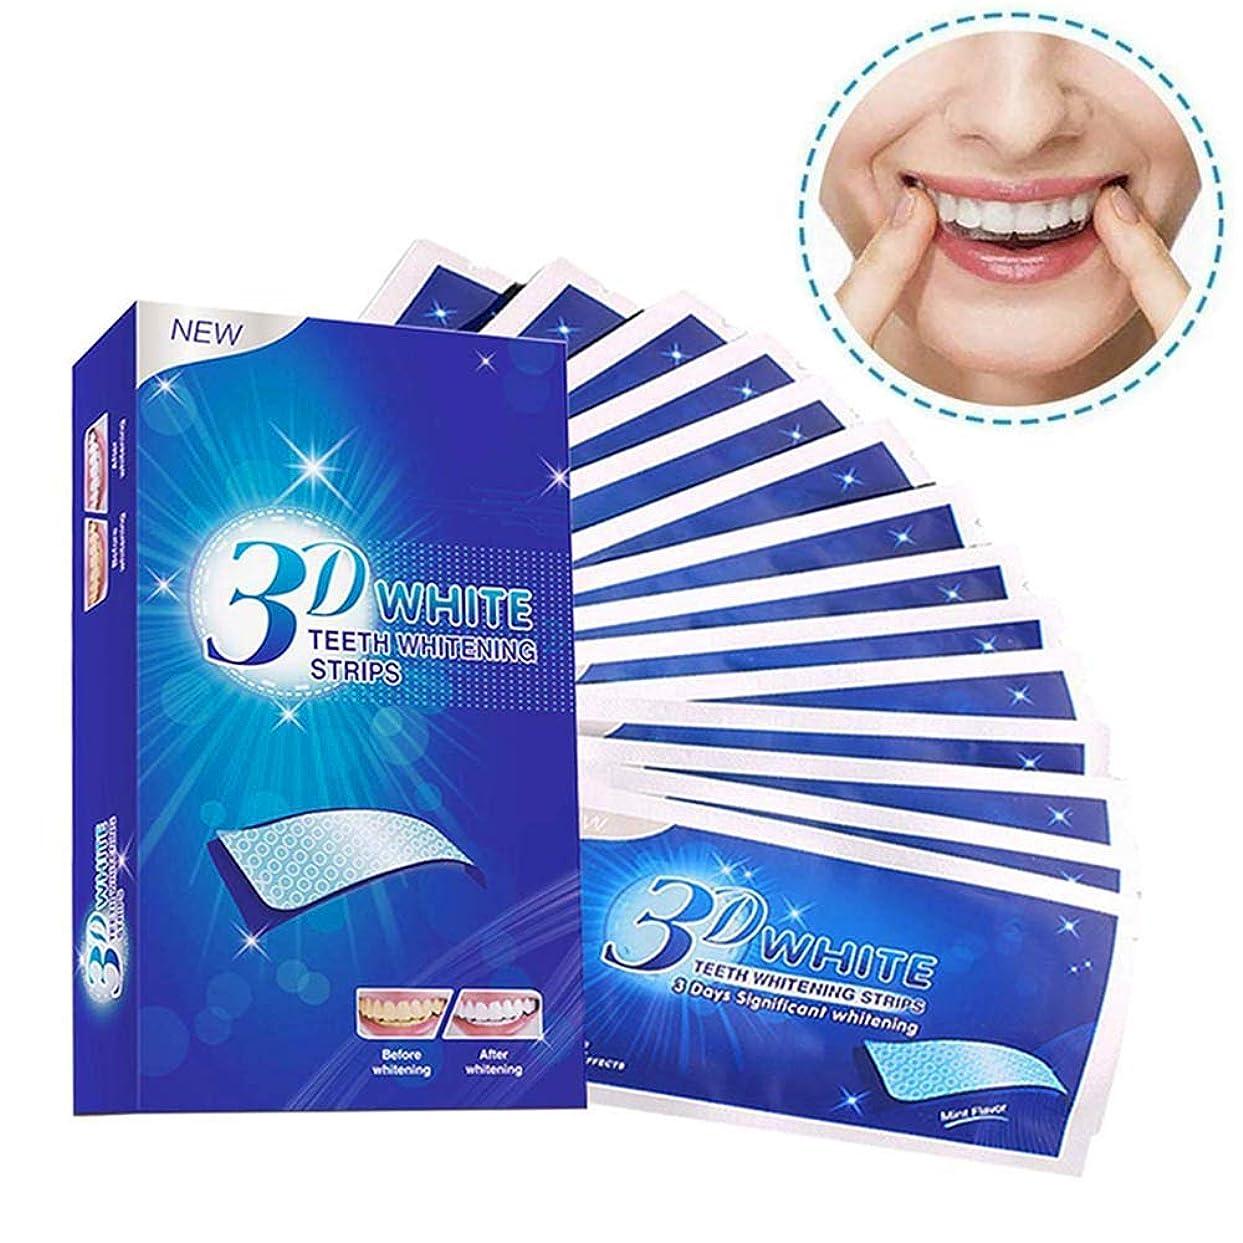 受け入れアイロニーラベ歯 美白 ホワイトニング マニキュア 歯ケア 歯のホワイトニング 美白歯磨き 歯を白 ホワイトニングテープ 歯を漂白 7セット/14枚 (7セット/14枚)